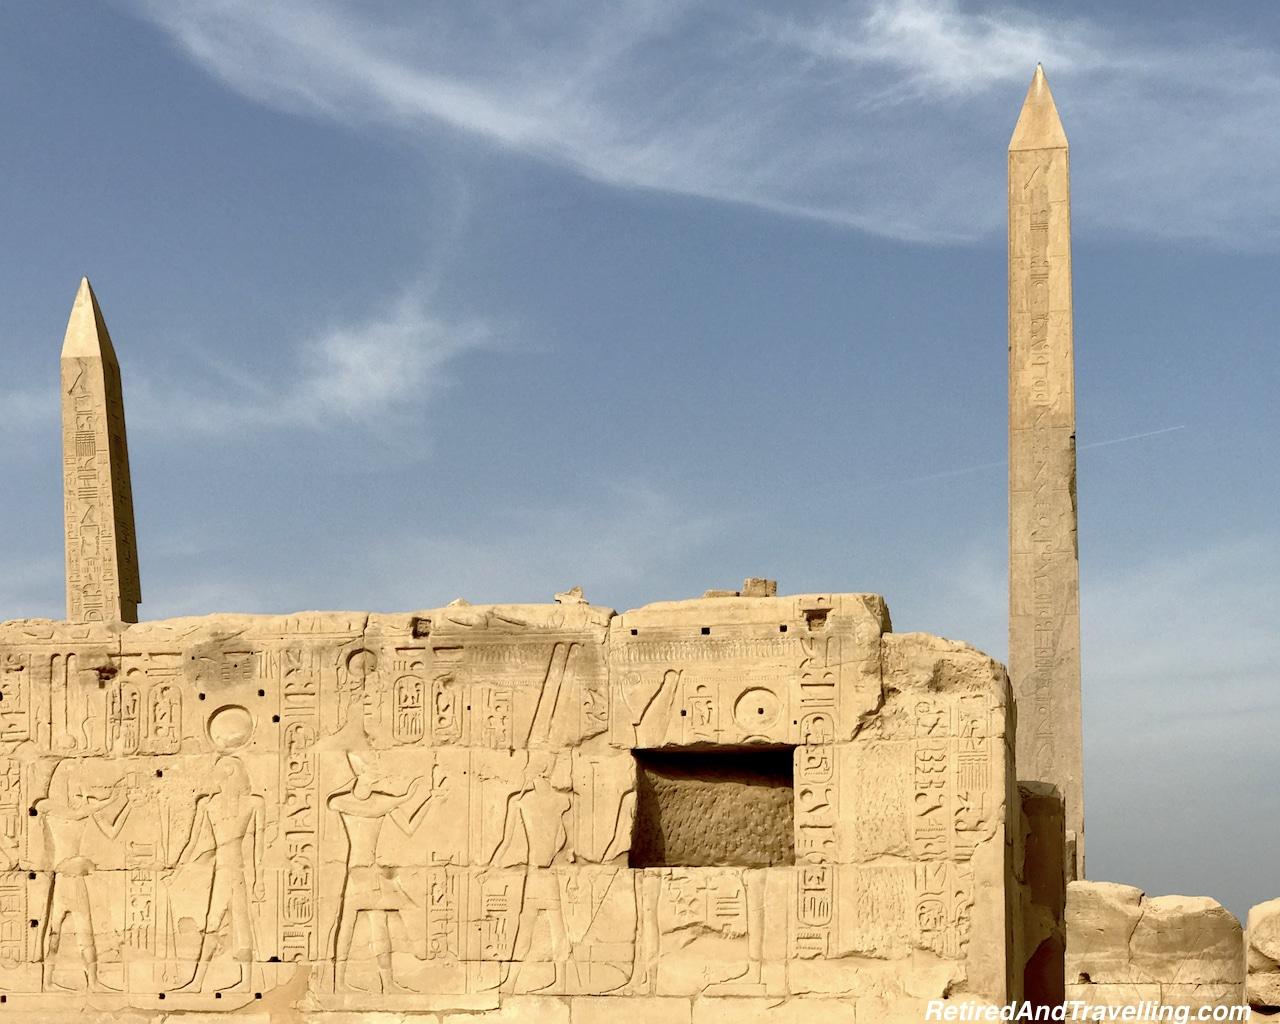 Queen Hatshepsut Obelisk - Karnak Temple Day and Night.jpg